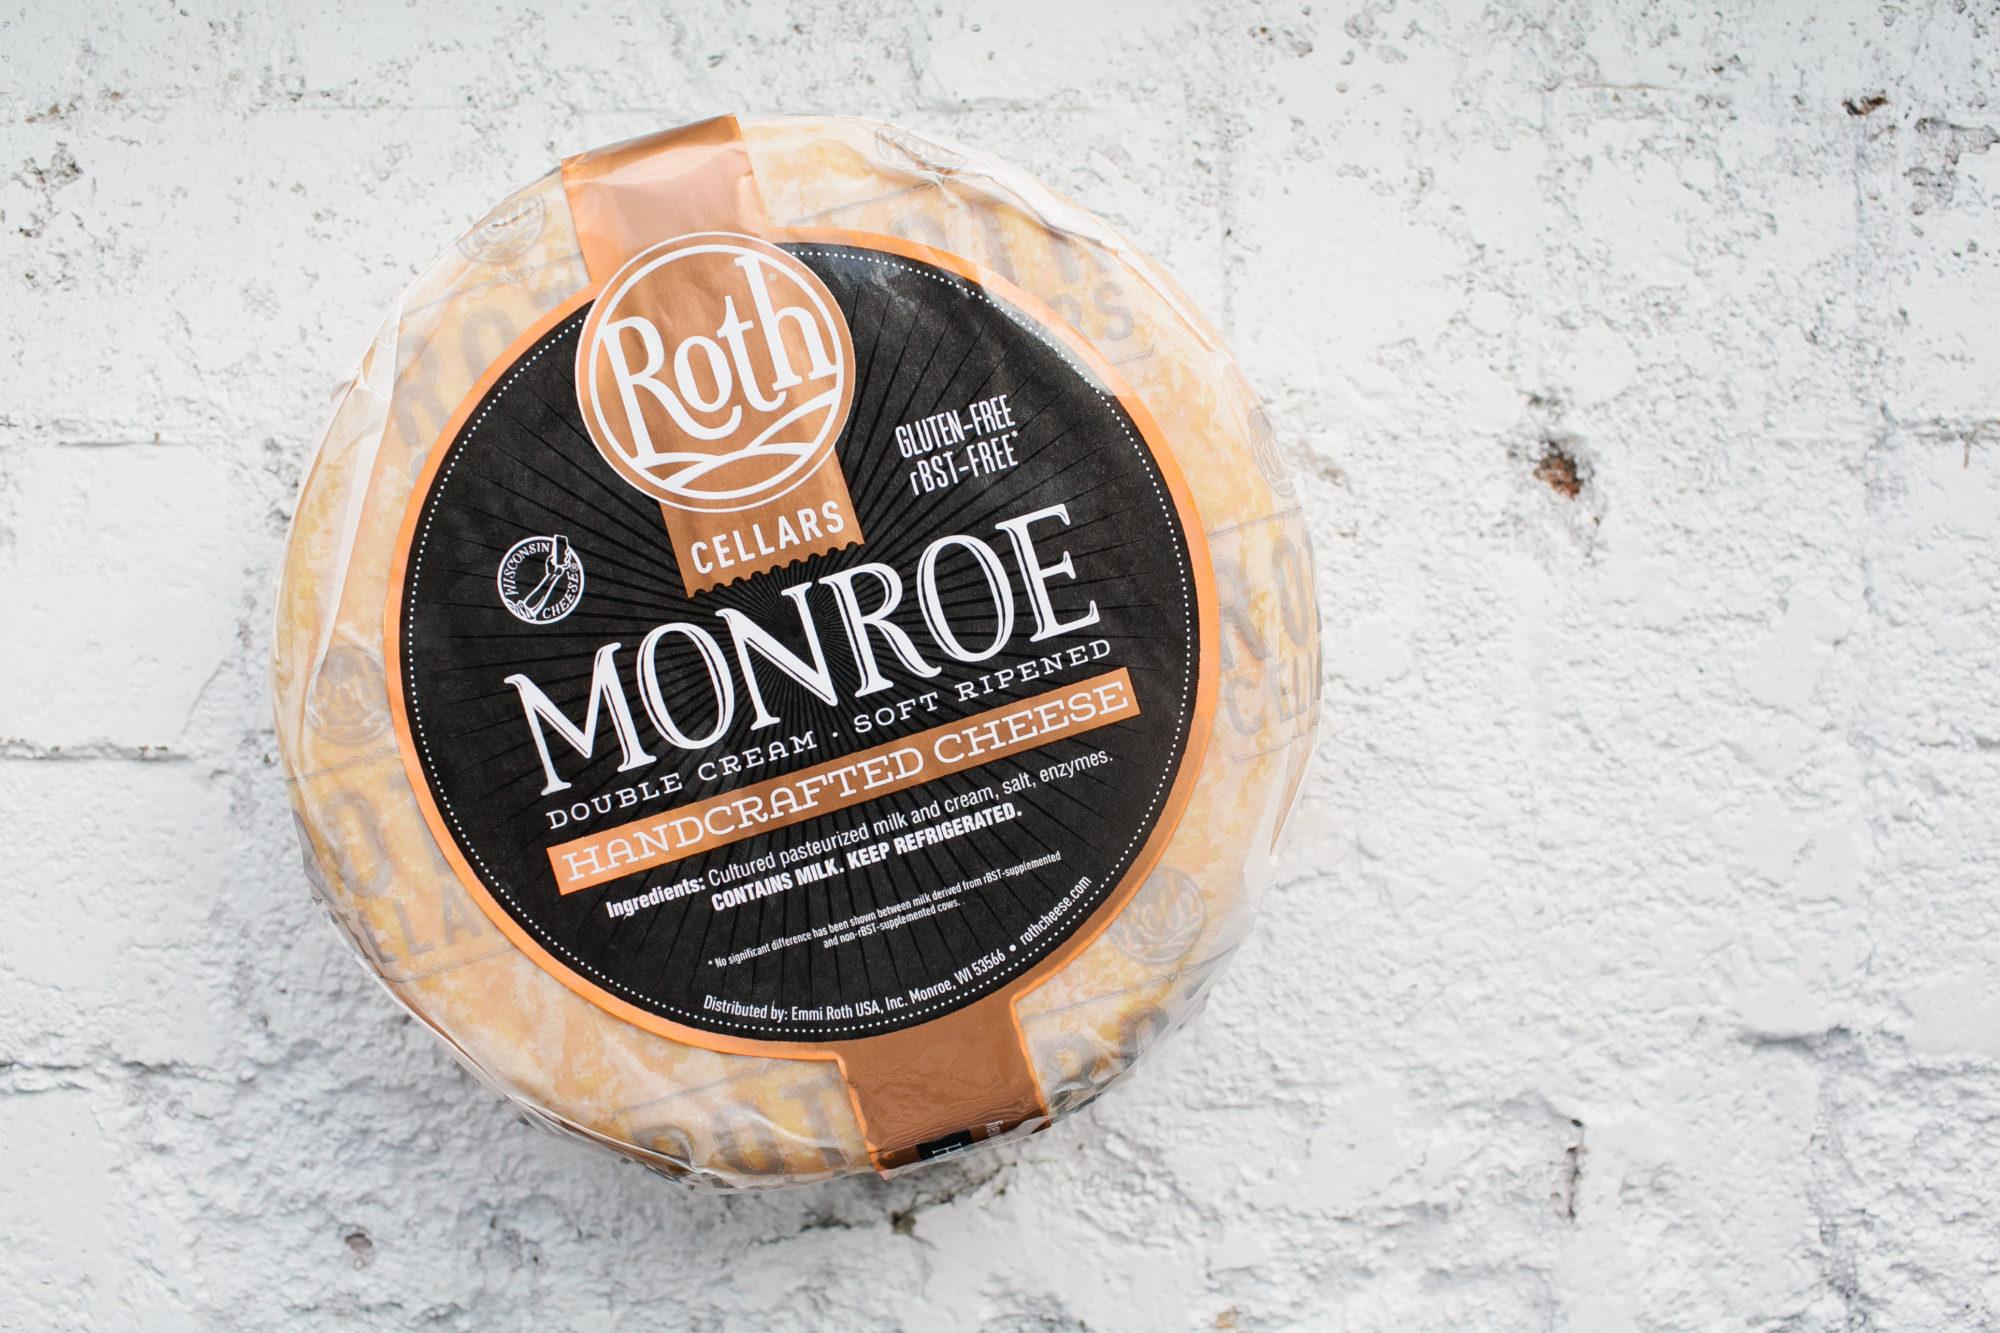 Roth Monroe